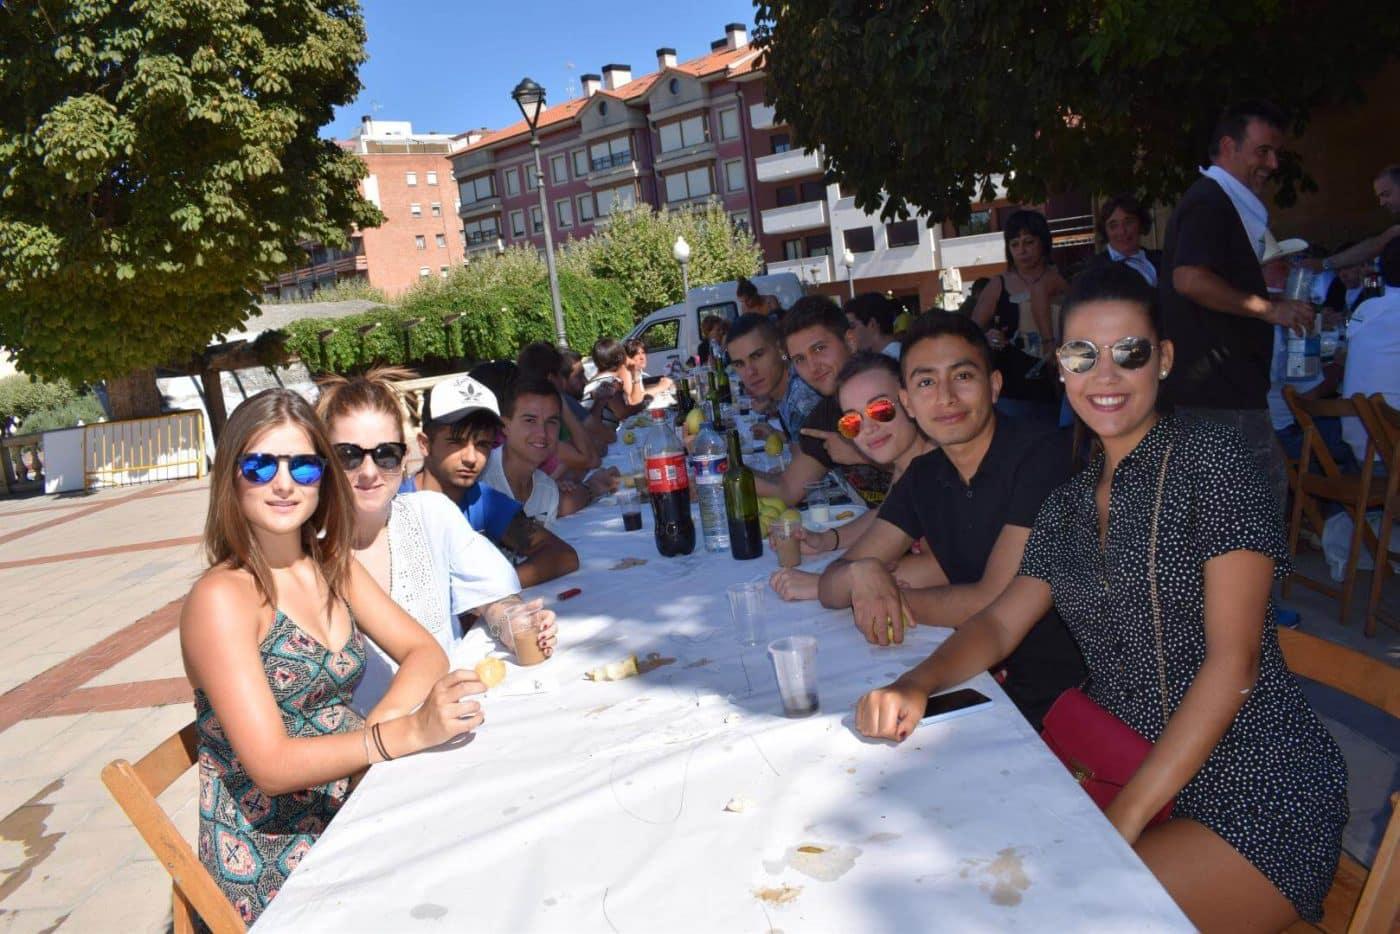 El soniquete binguero, colofón a la comida de hermandad del Barrio de las Huertas 18